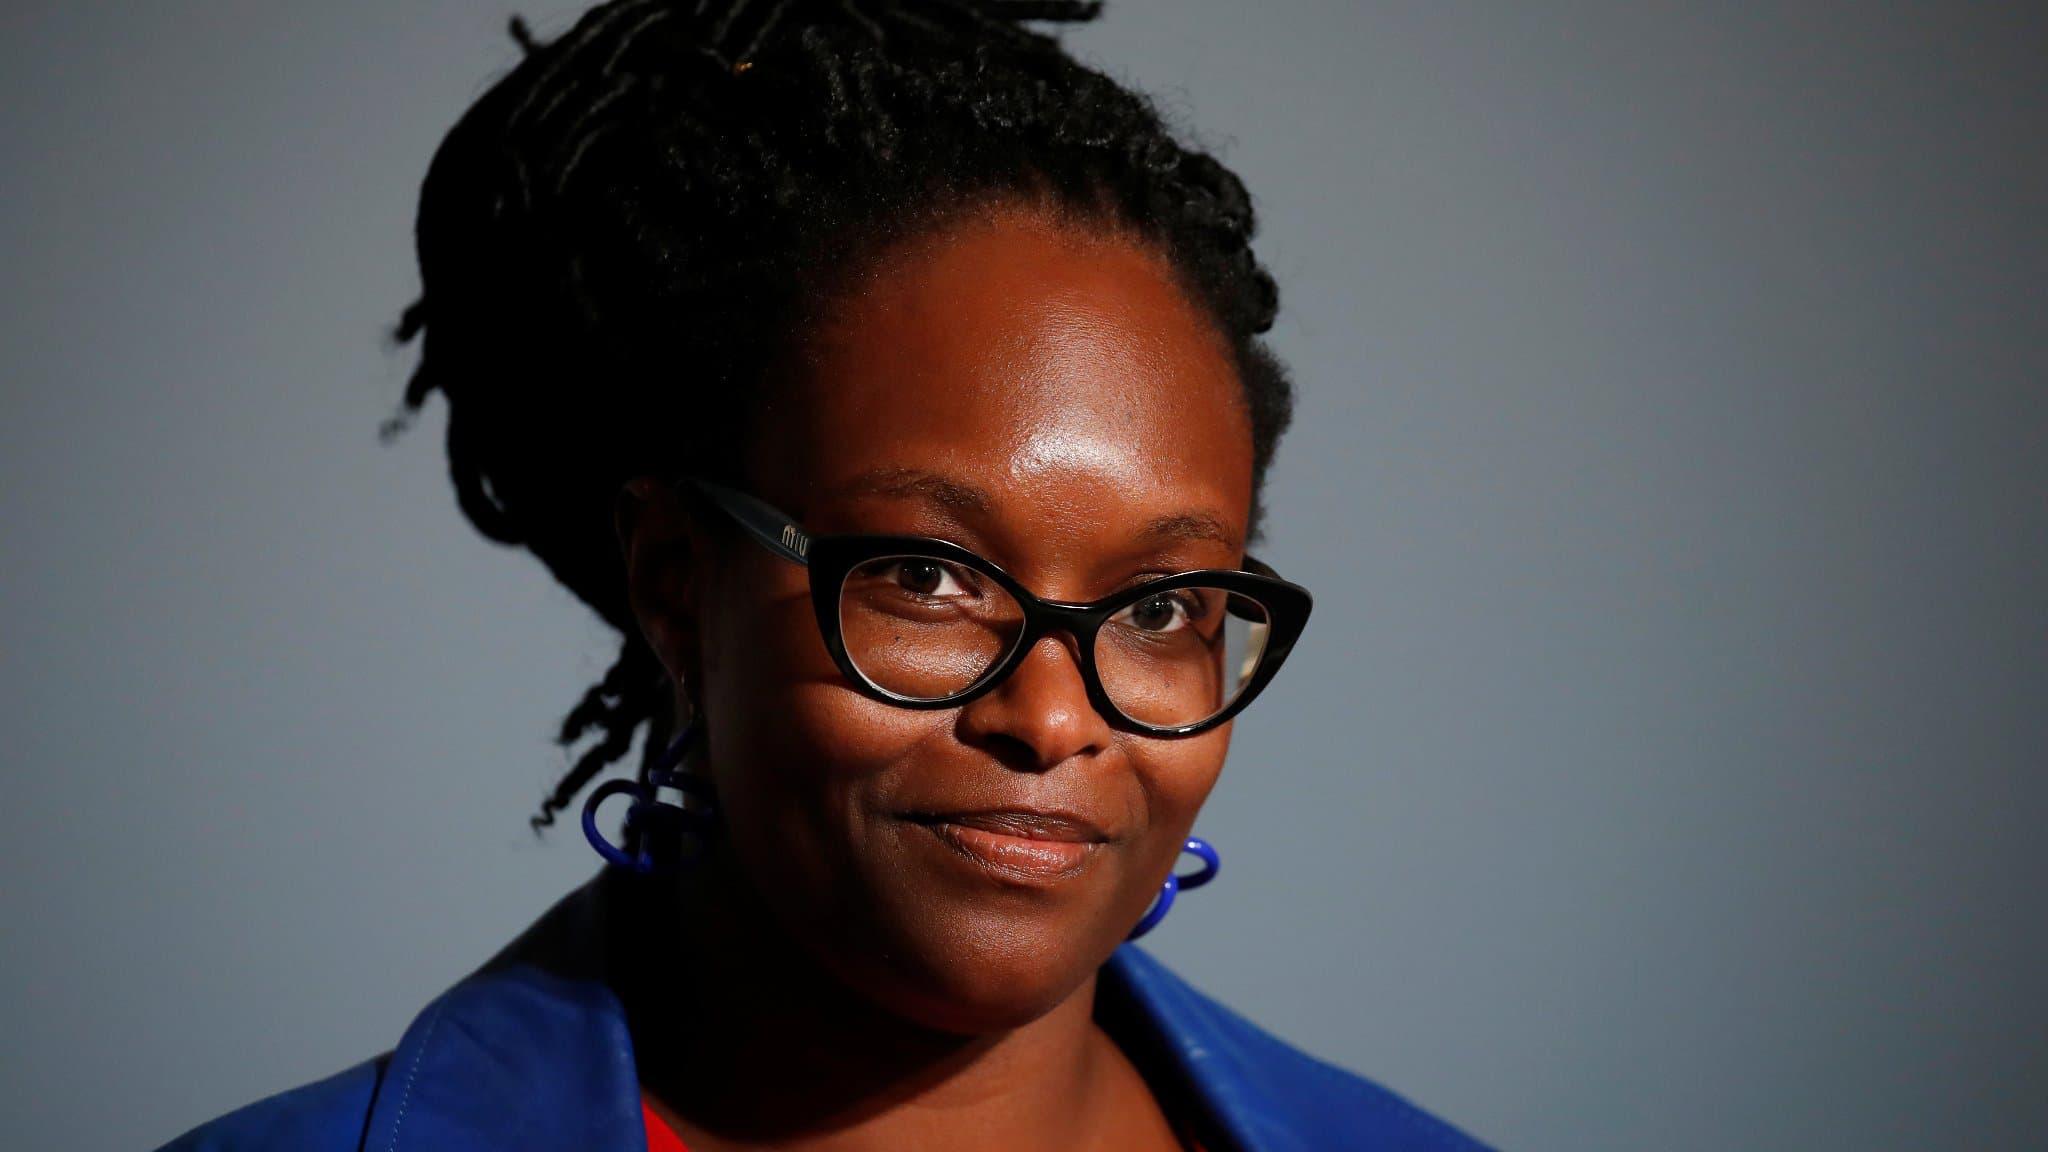 Recrutement de Sybeth Ndiaye: le groupe suisse Adecco a déboursé une prime de signature de 25 mille euros